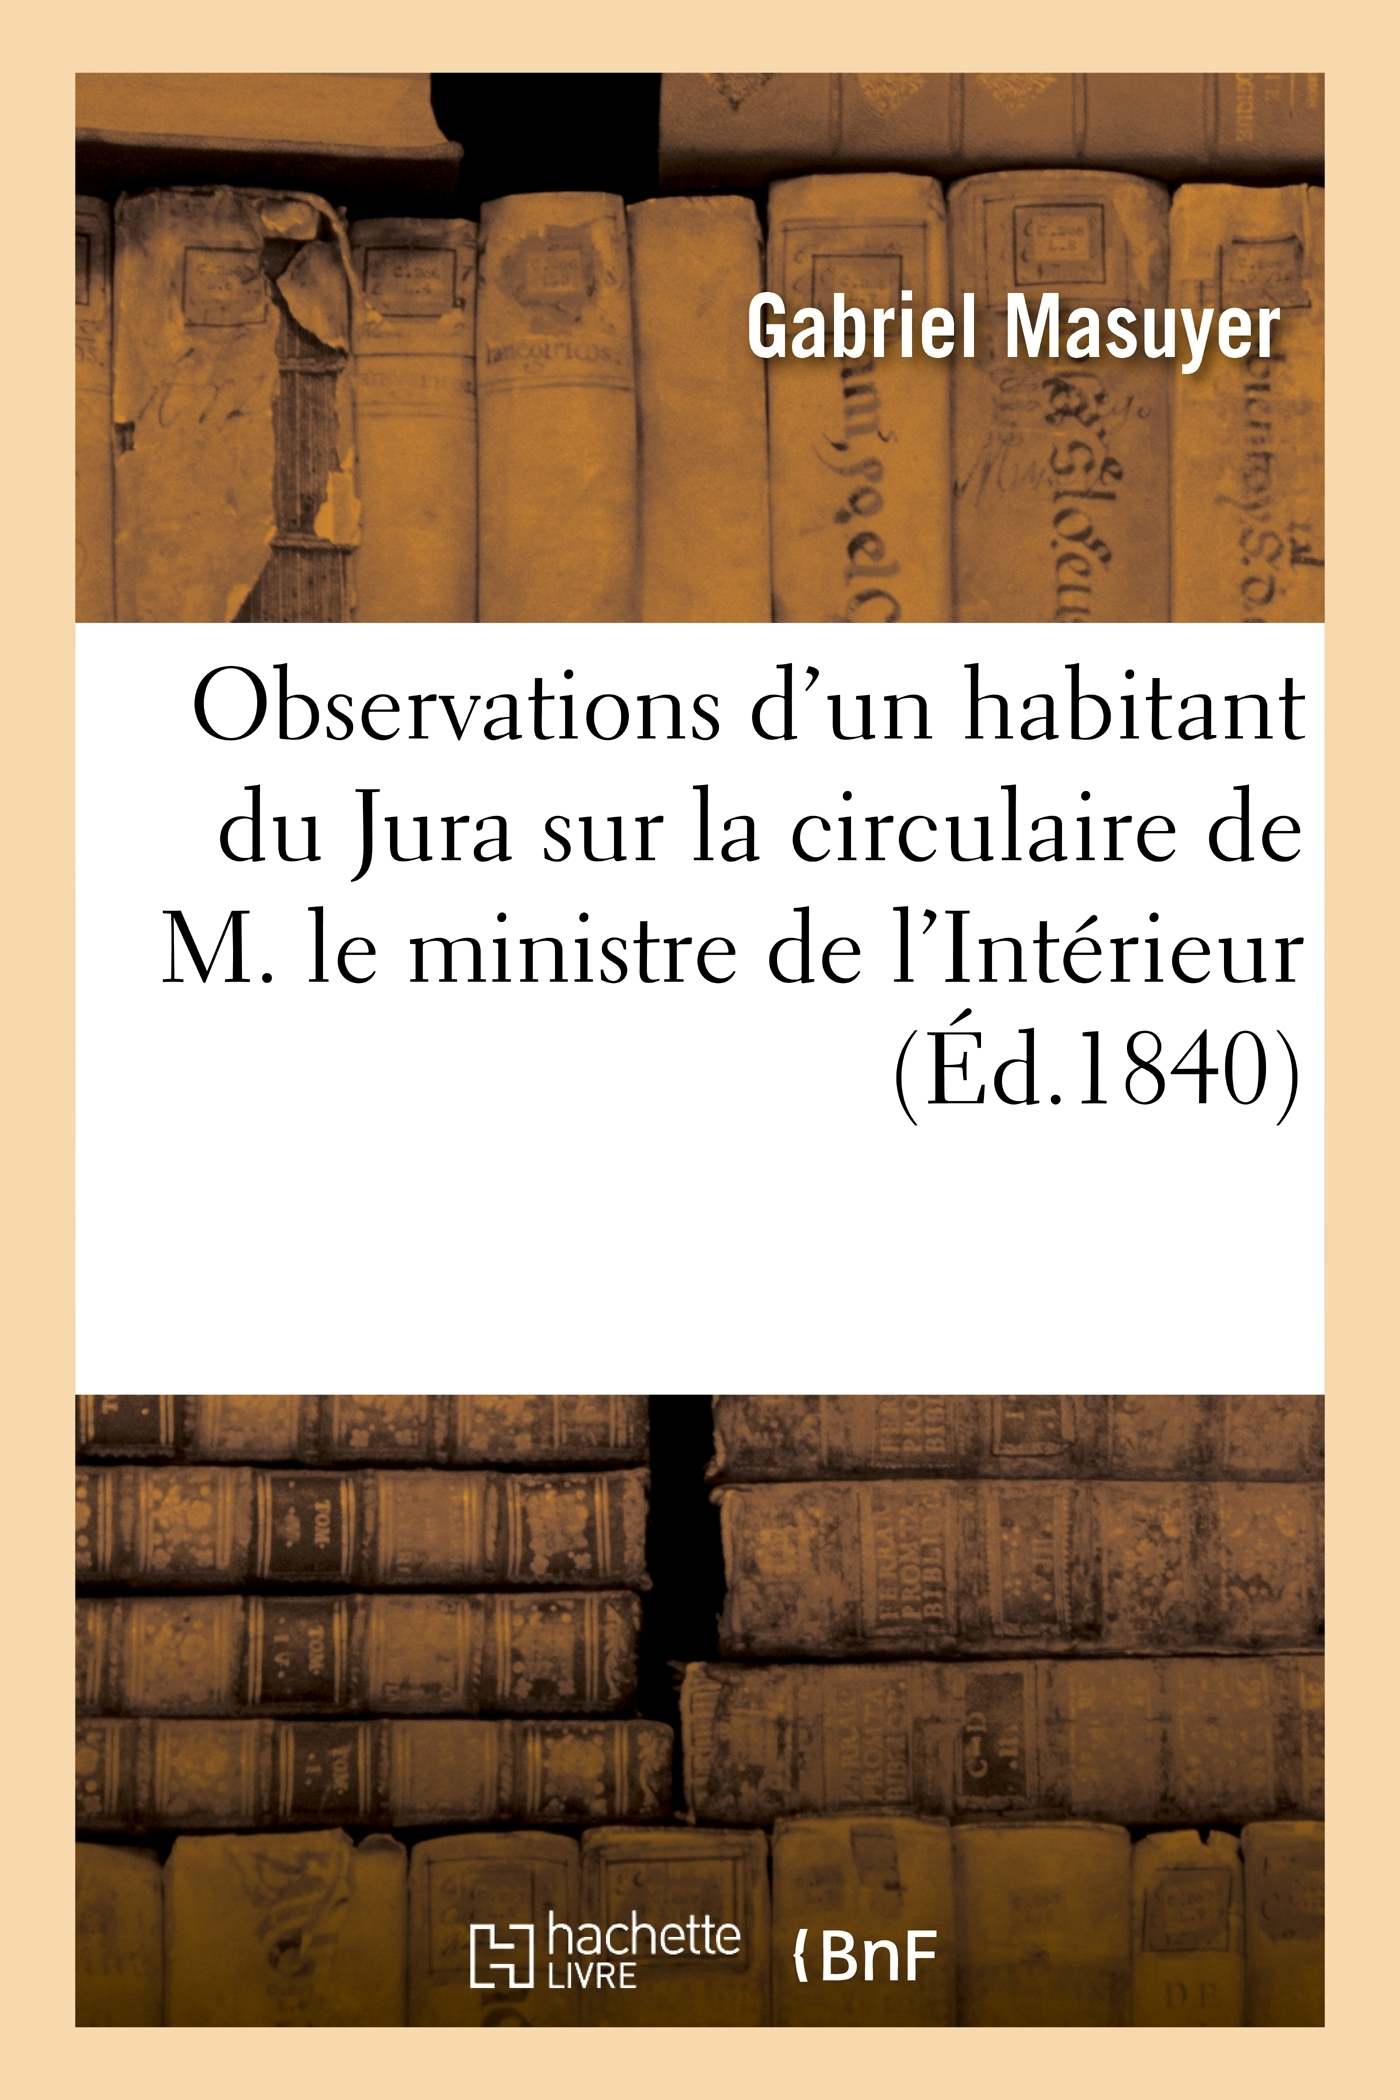 OBSERVATIONS D'UN HABITANT DU JURA SUR LA CIRCULAIRE DE M. LE MINISTRE DE L'INTERIEUR